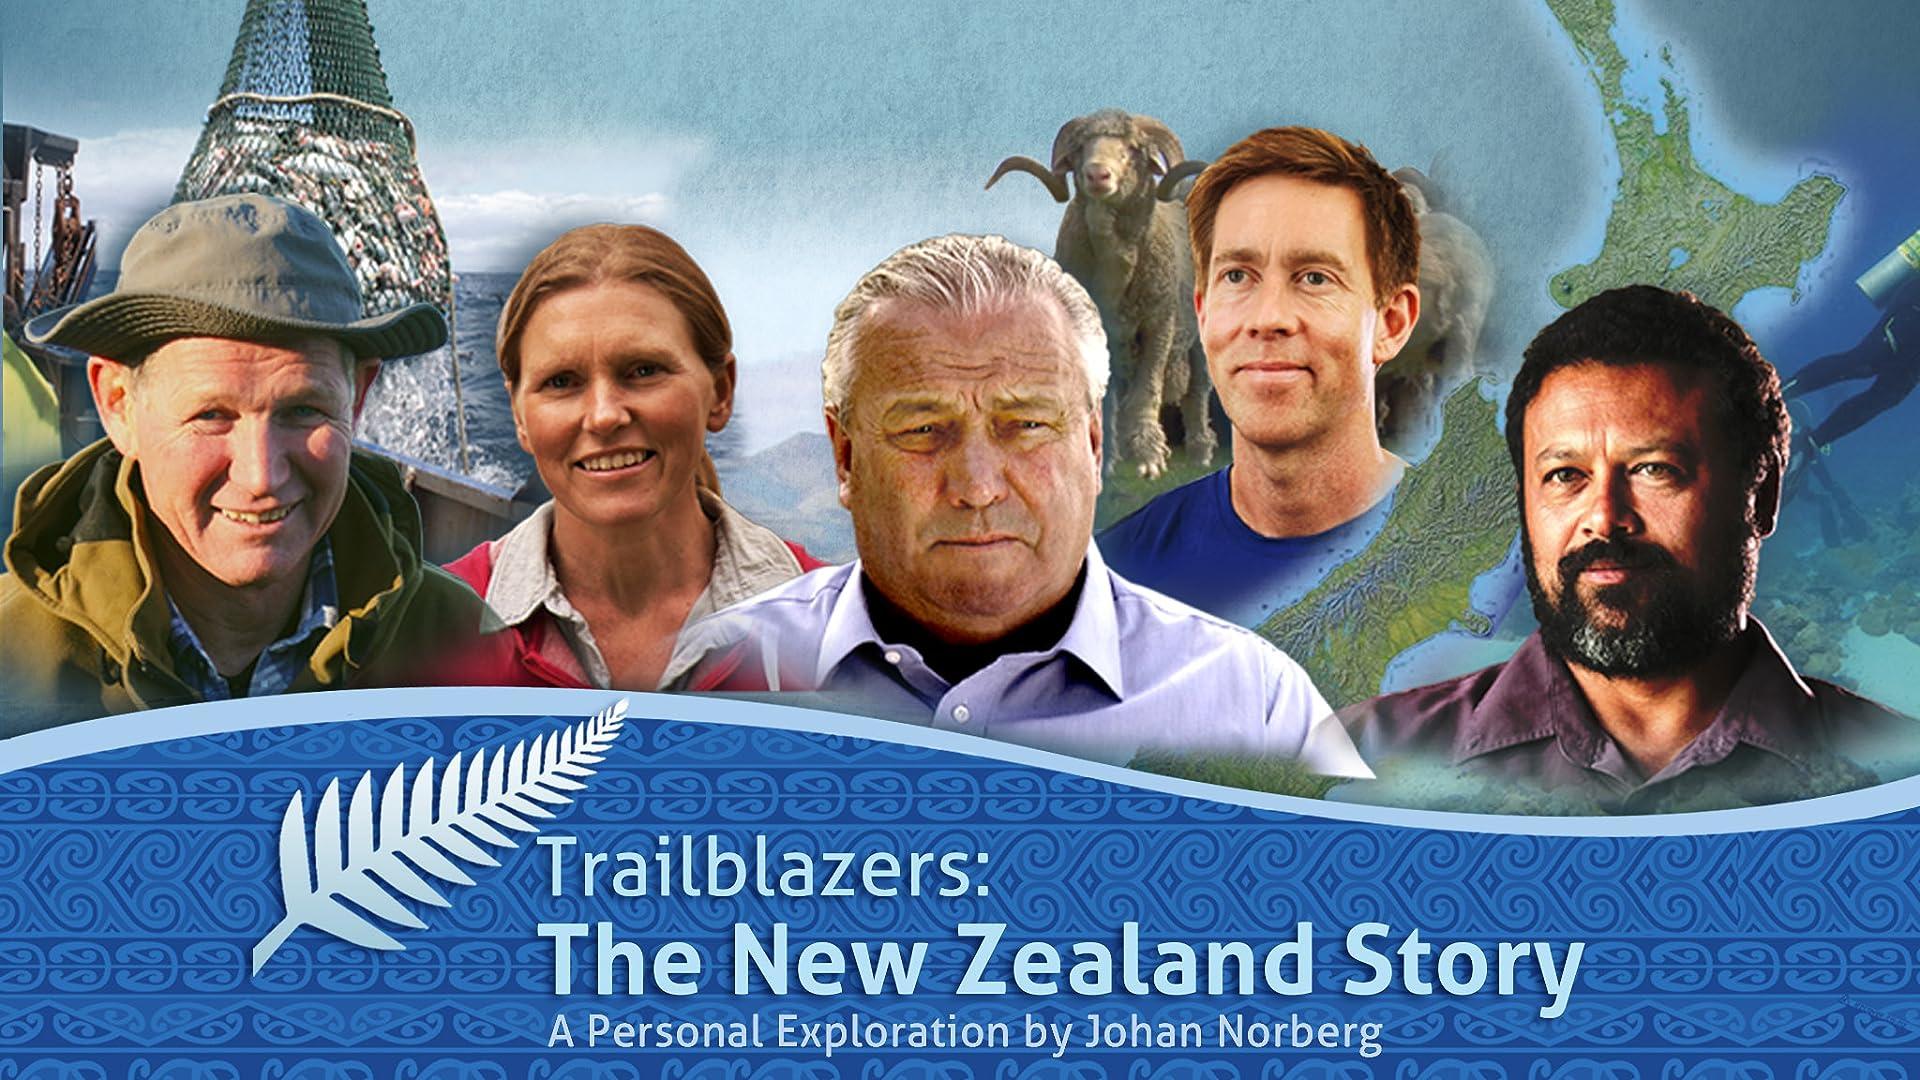 Trailblazers: The New Zealand Story